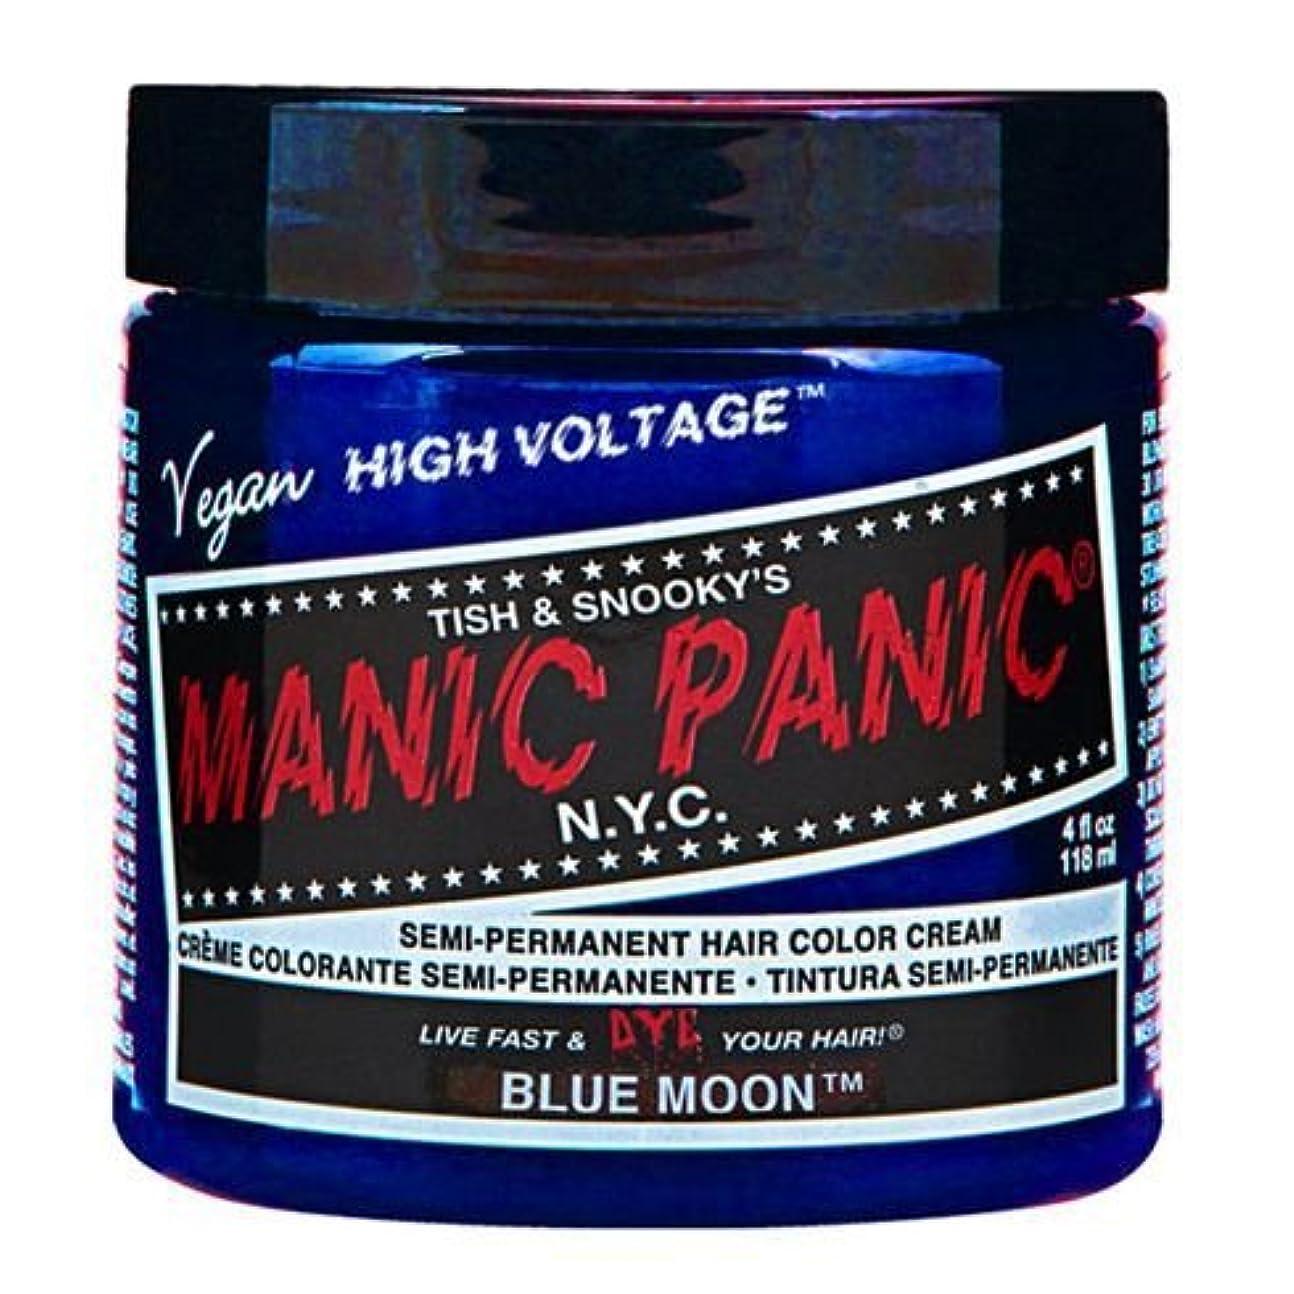 損傷持っている第二スペシャルセットMANIC PANICマニックパニック:Blue Moon (ブルームーン)+ヘアカラーケア4点セット